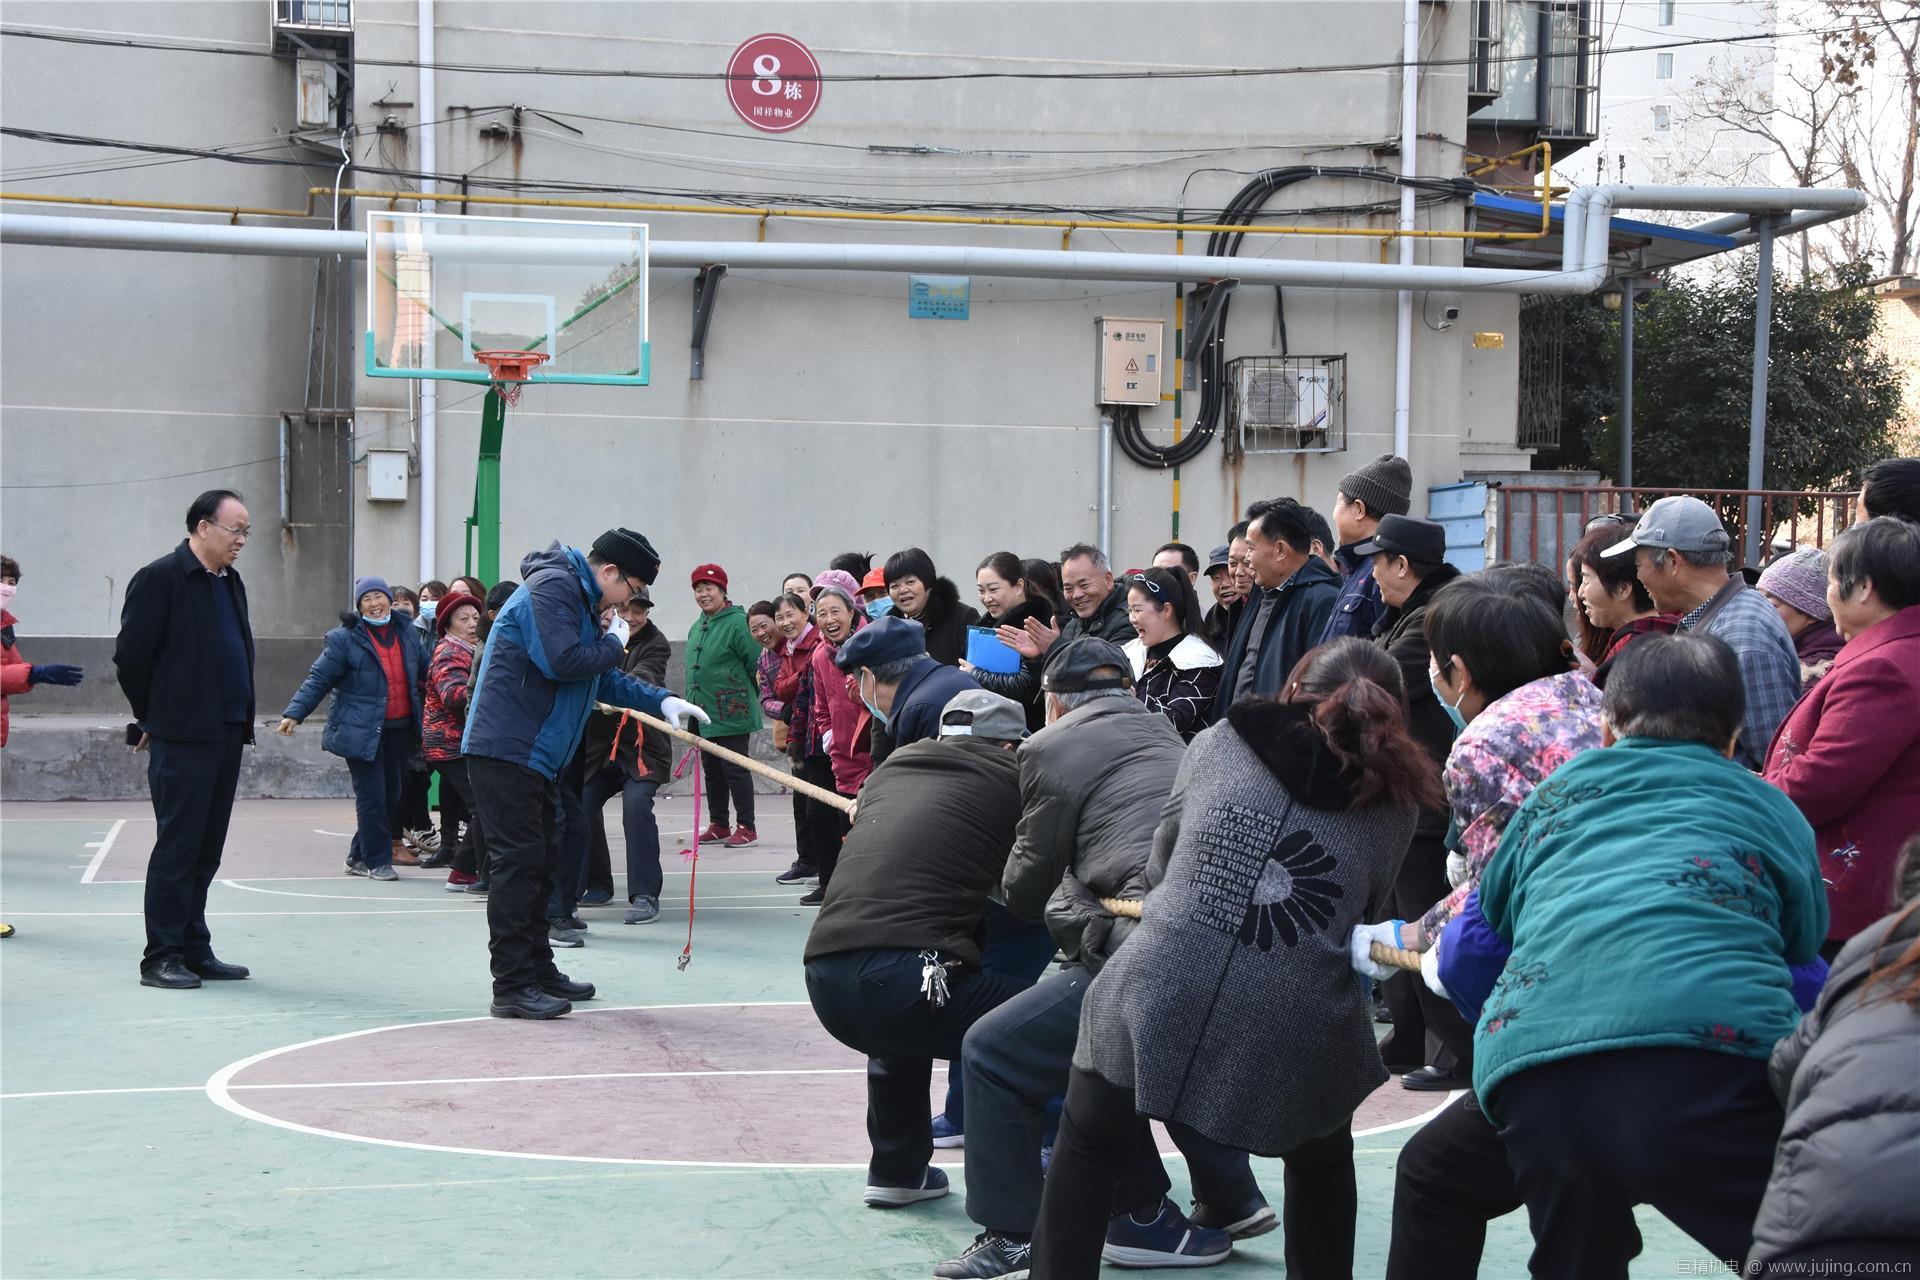 中铁二十局四公司洛阳基地 开展迎新年庆元旦系列活动